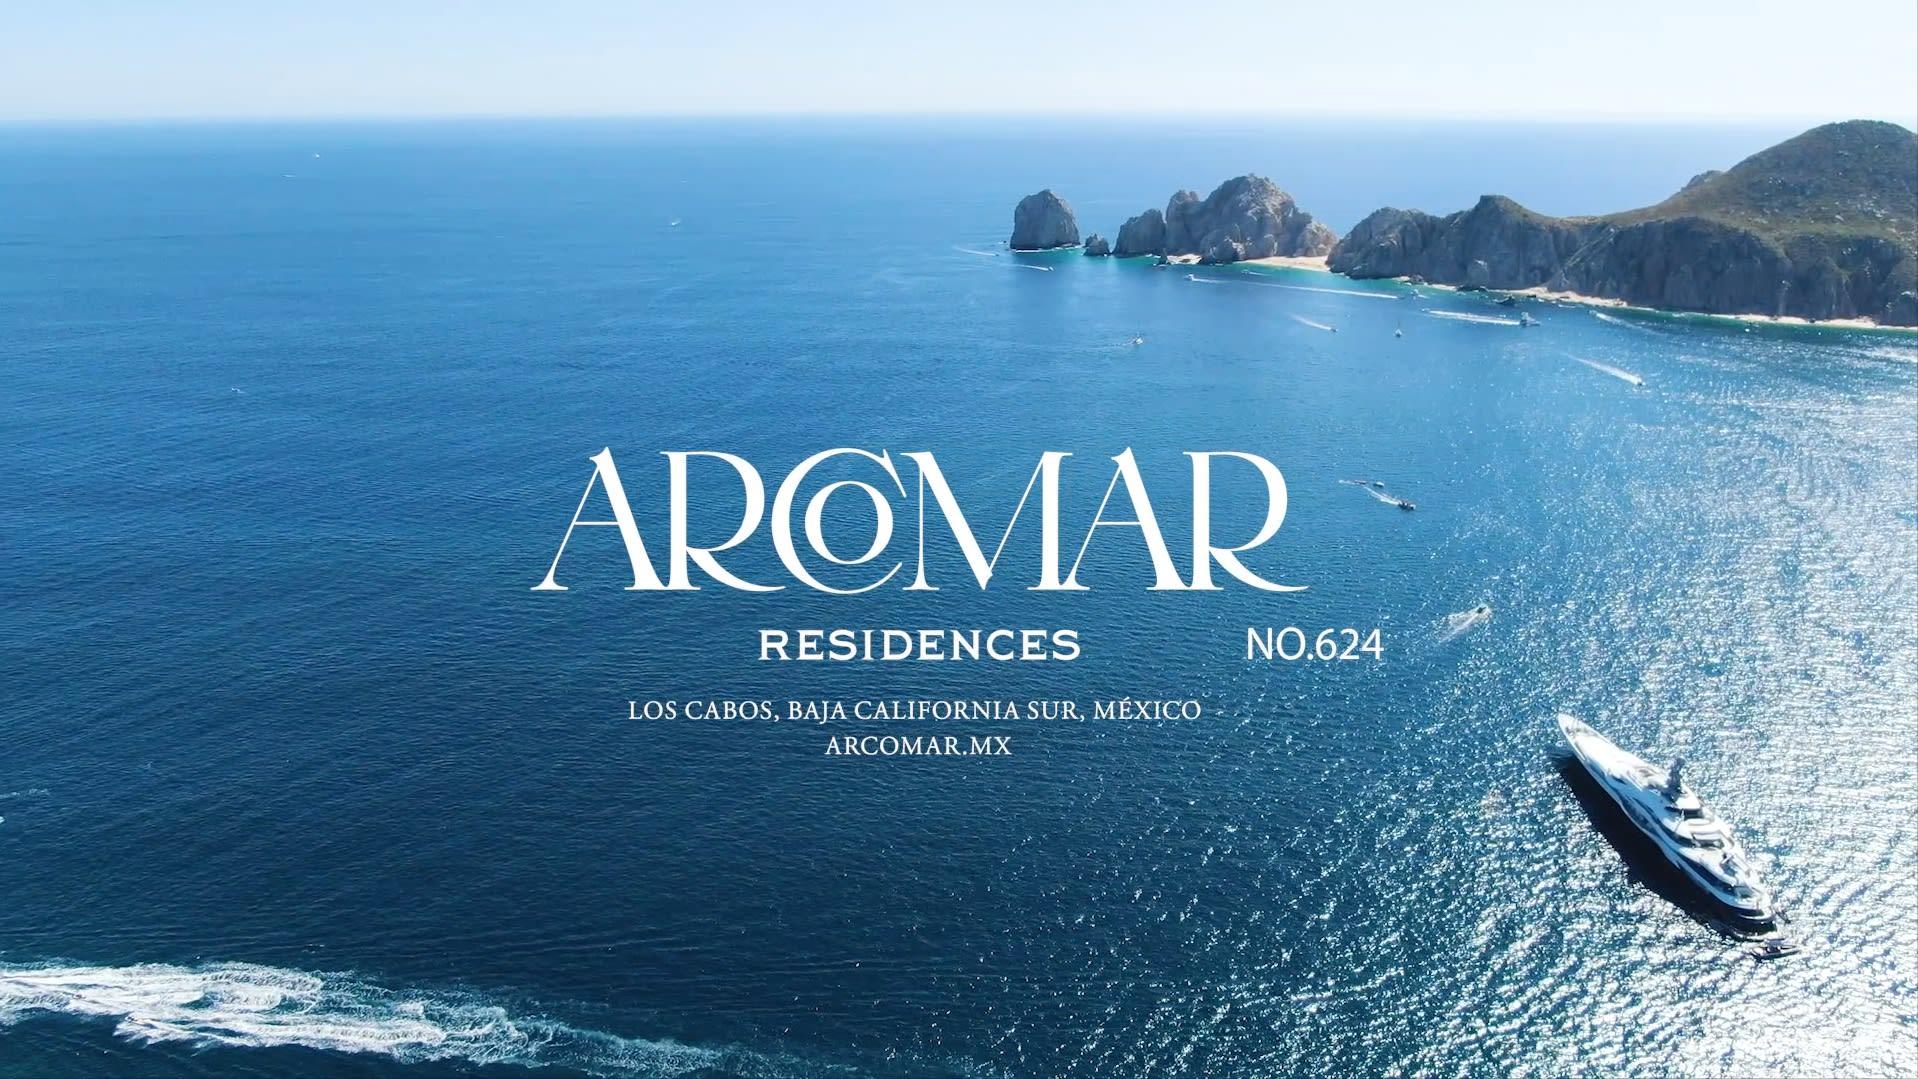 Arcomar - Los Cabos